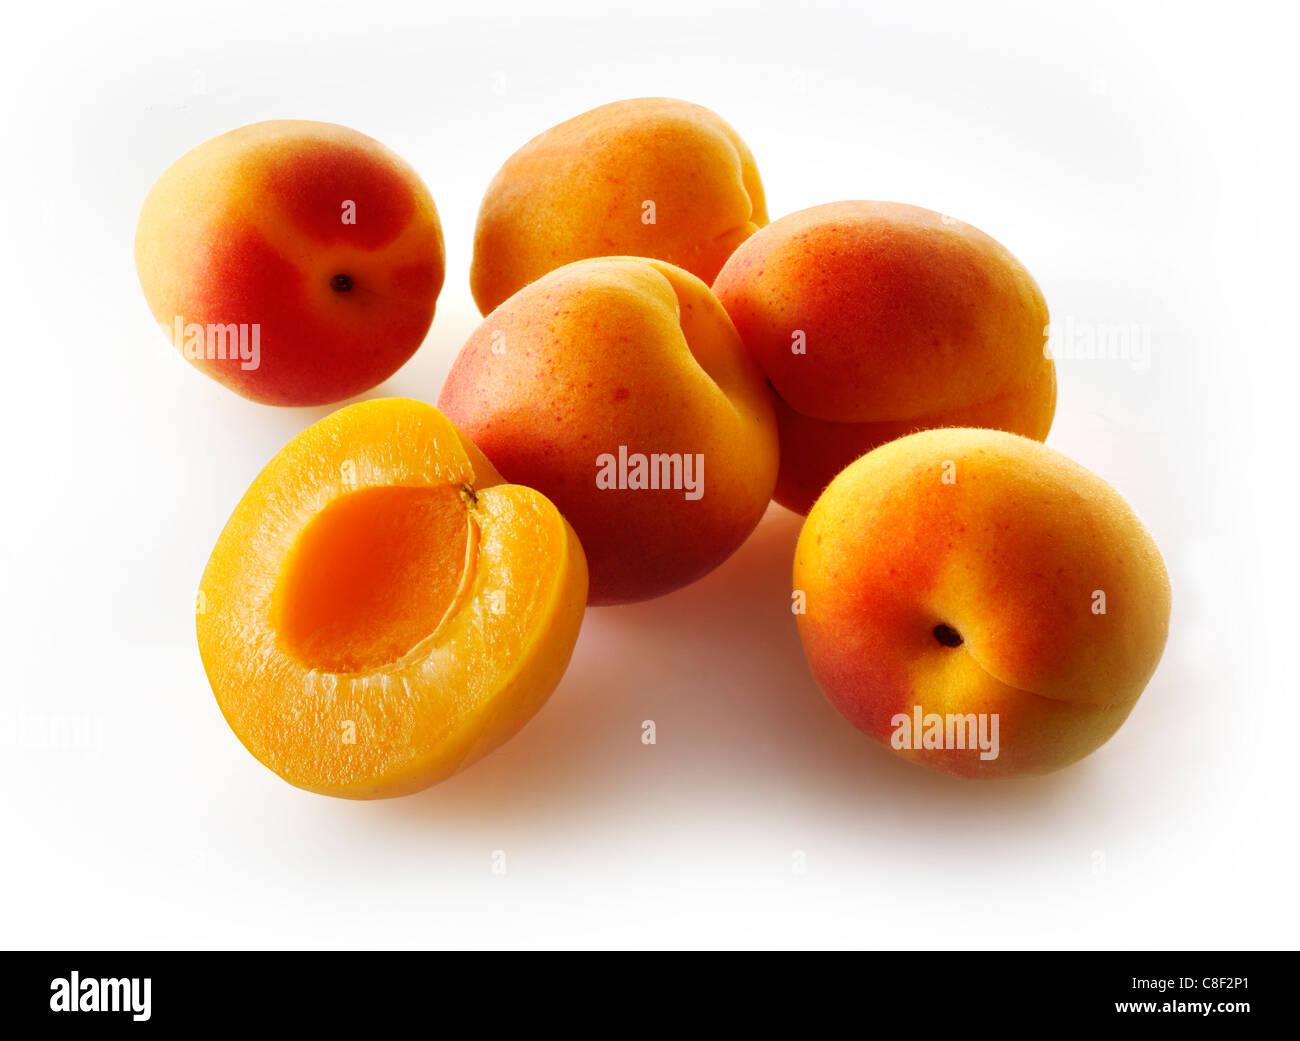 Fresh Apricot Fruit - Stock Image